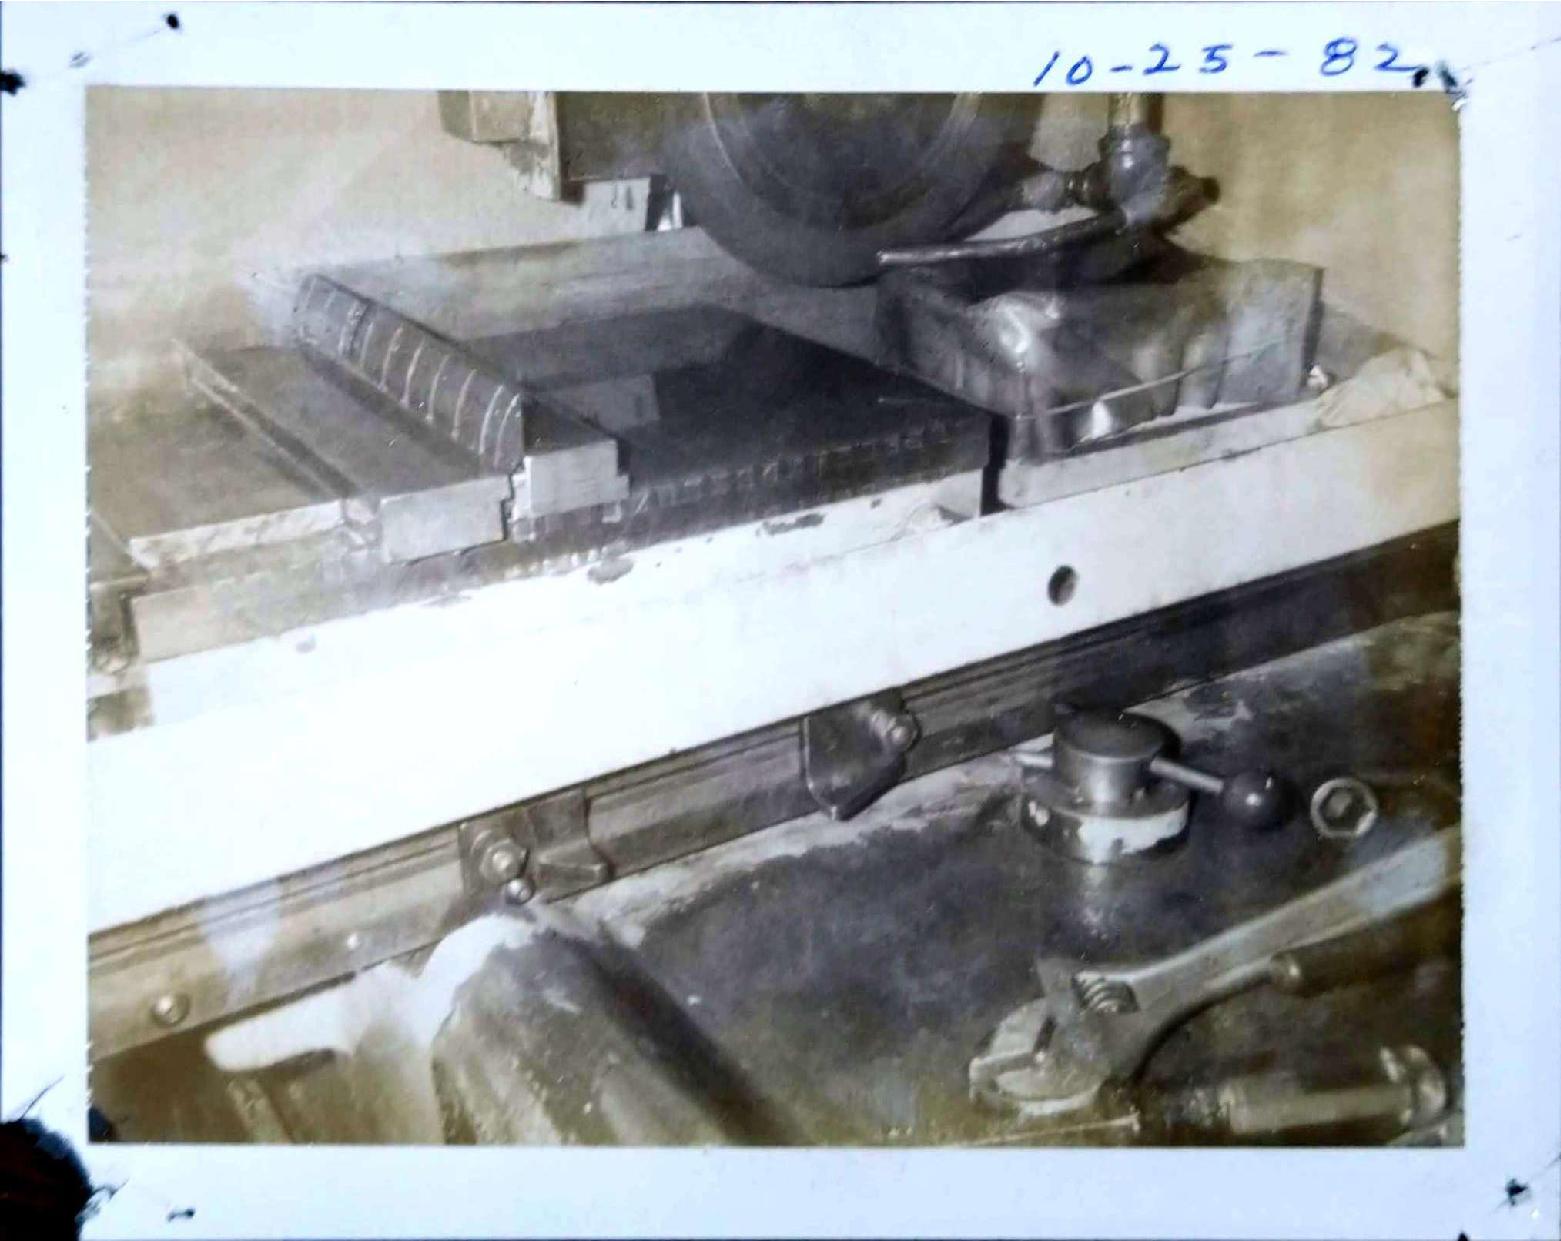 preparing_material_on_grinding_table_in_1982.jpg